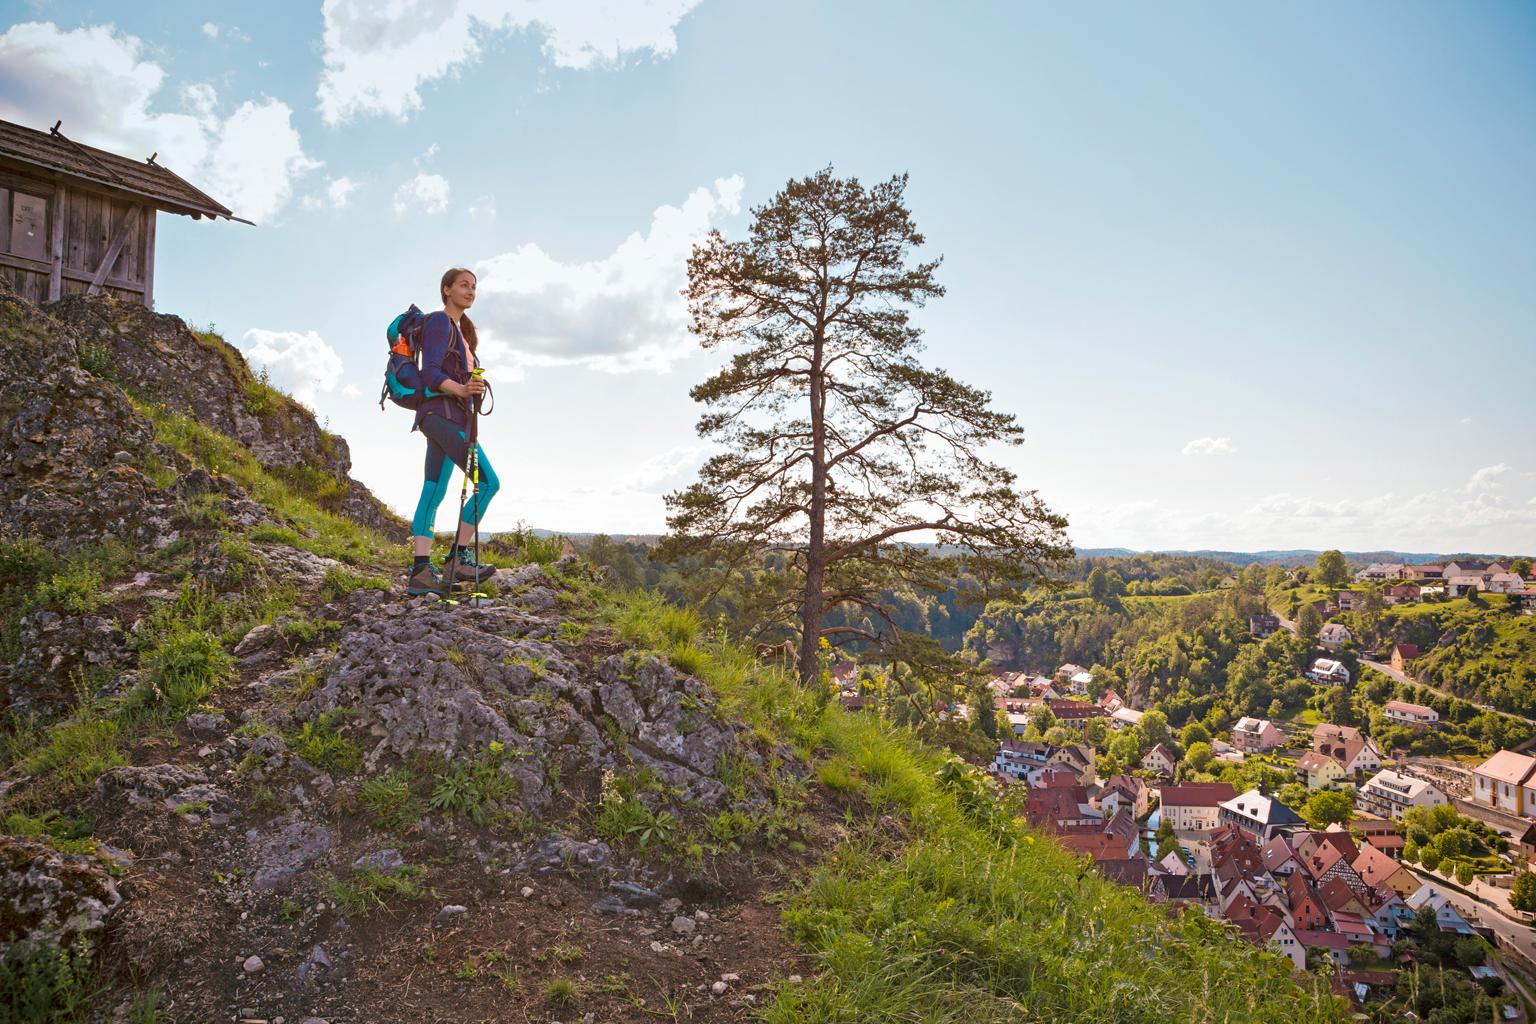 Autorin blickt vom Berg hinunter ins Tal